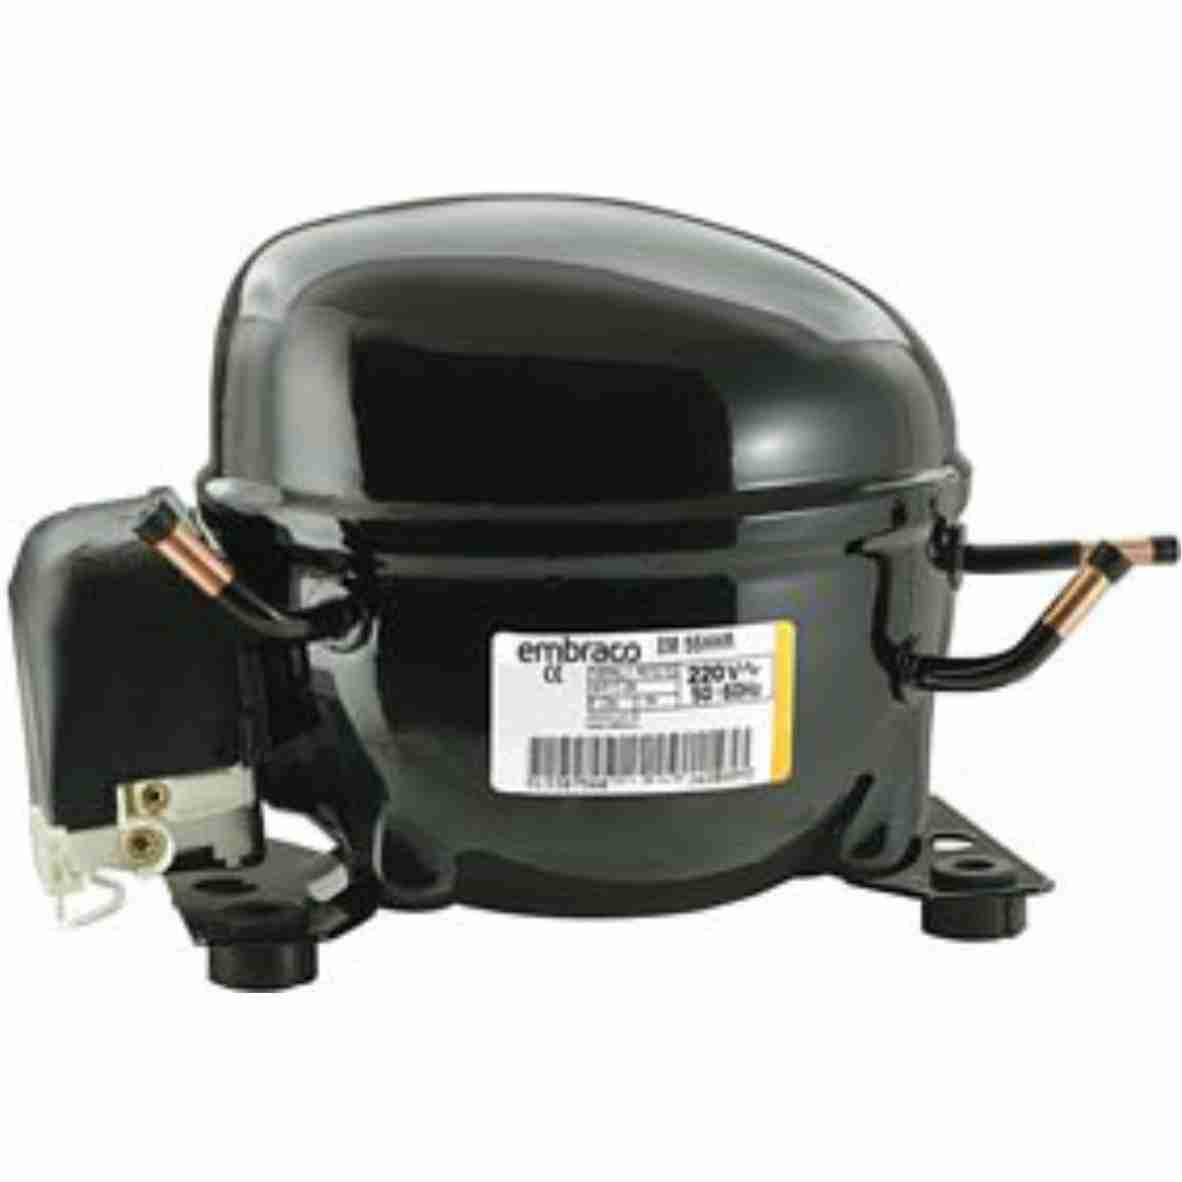 Compressor Embraco EM